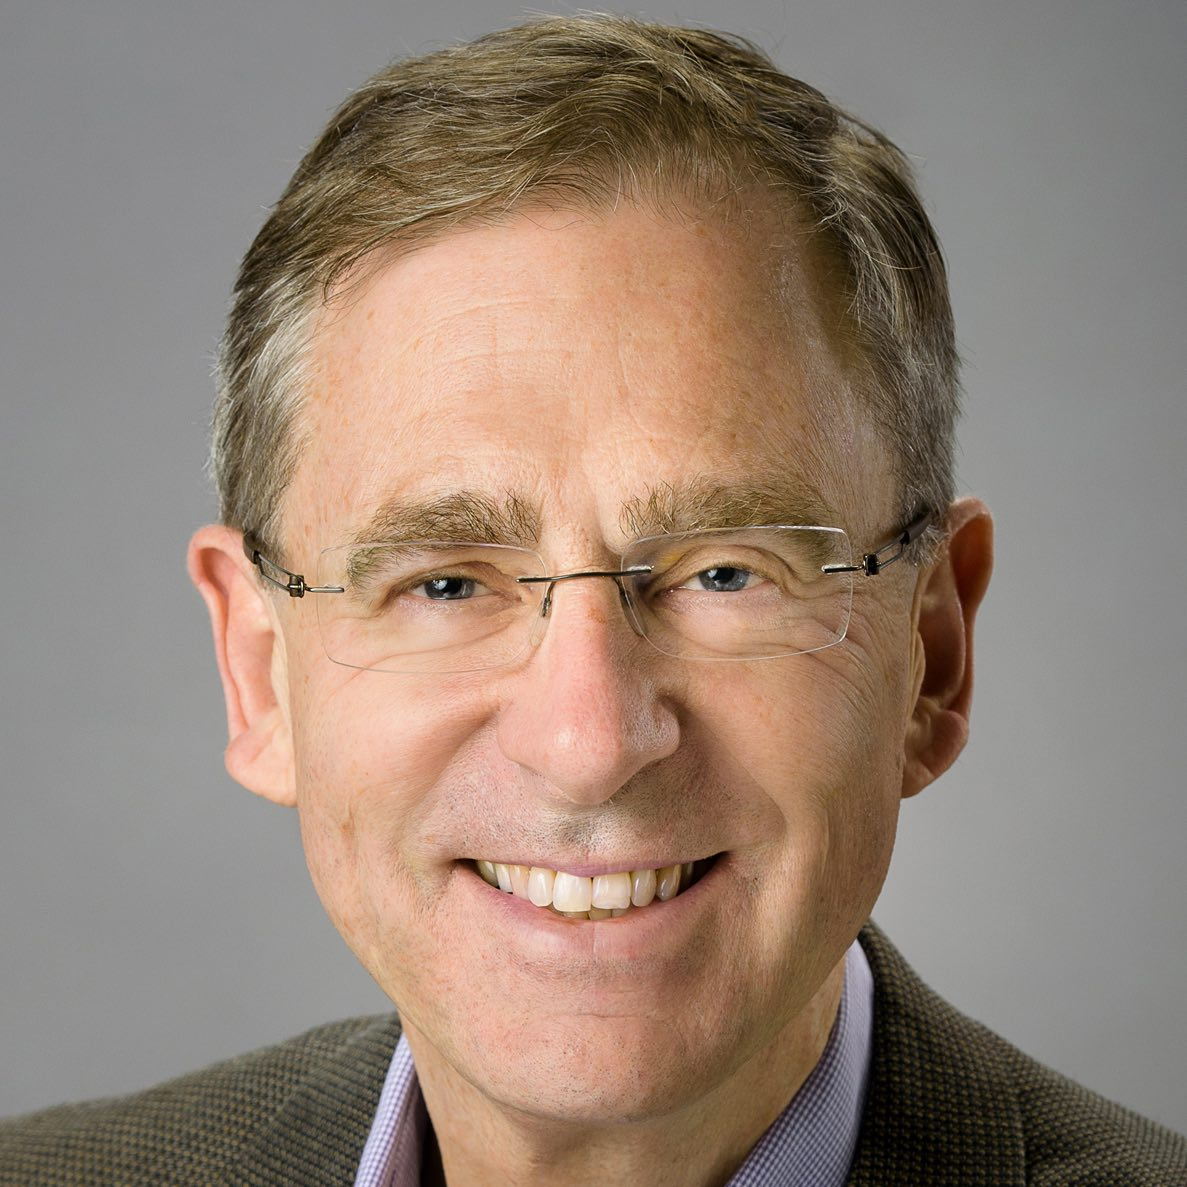 Peter Cellarius, LMFT, Marriage & Family Therapist in San Jose, CA